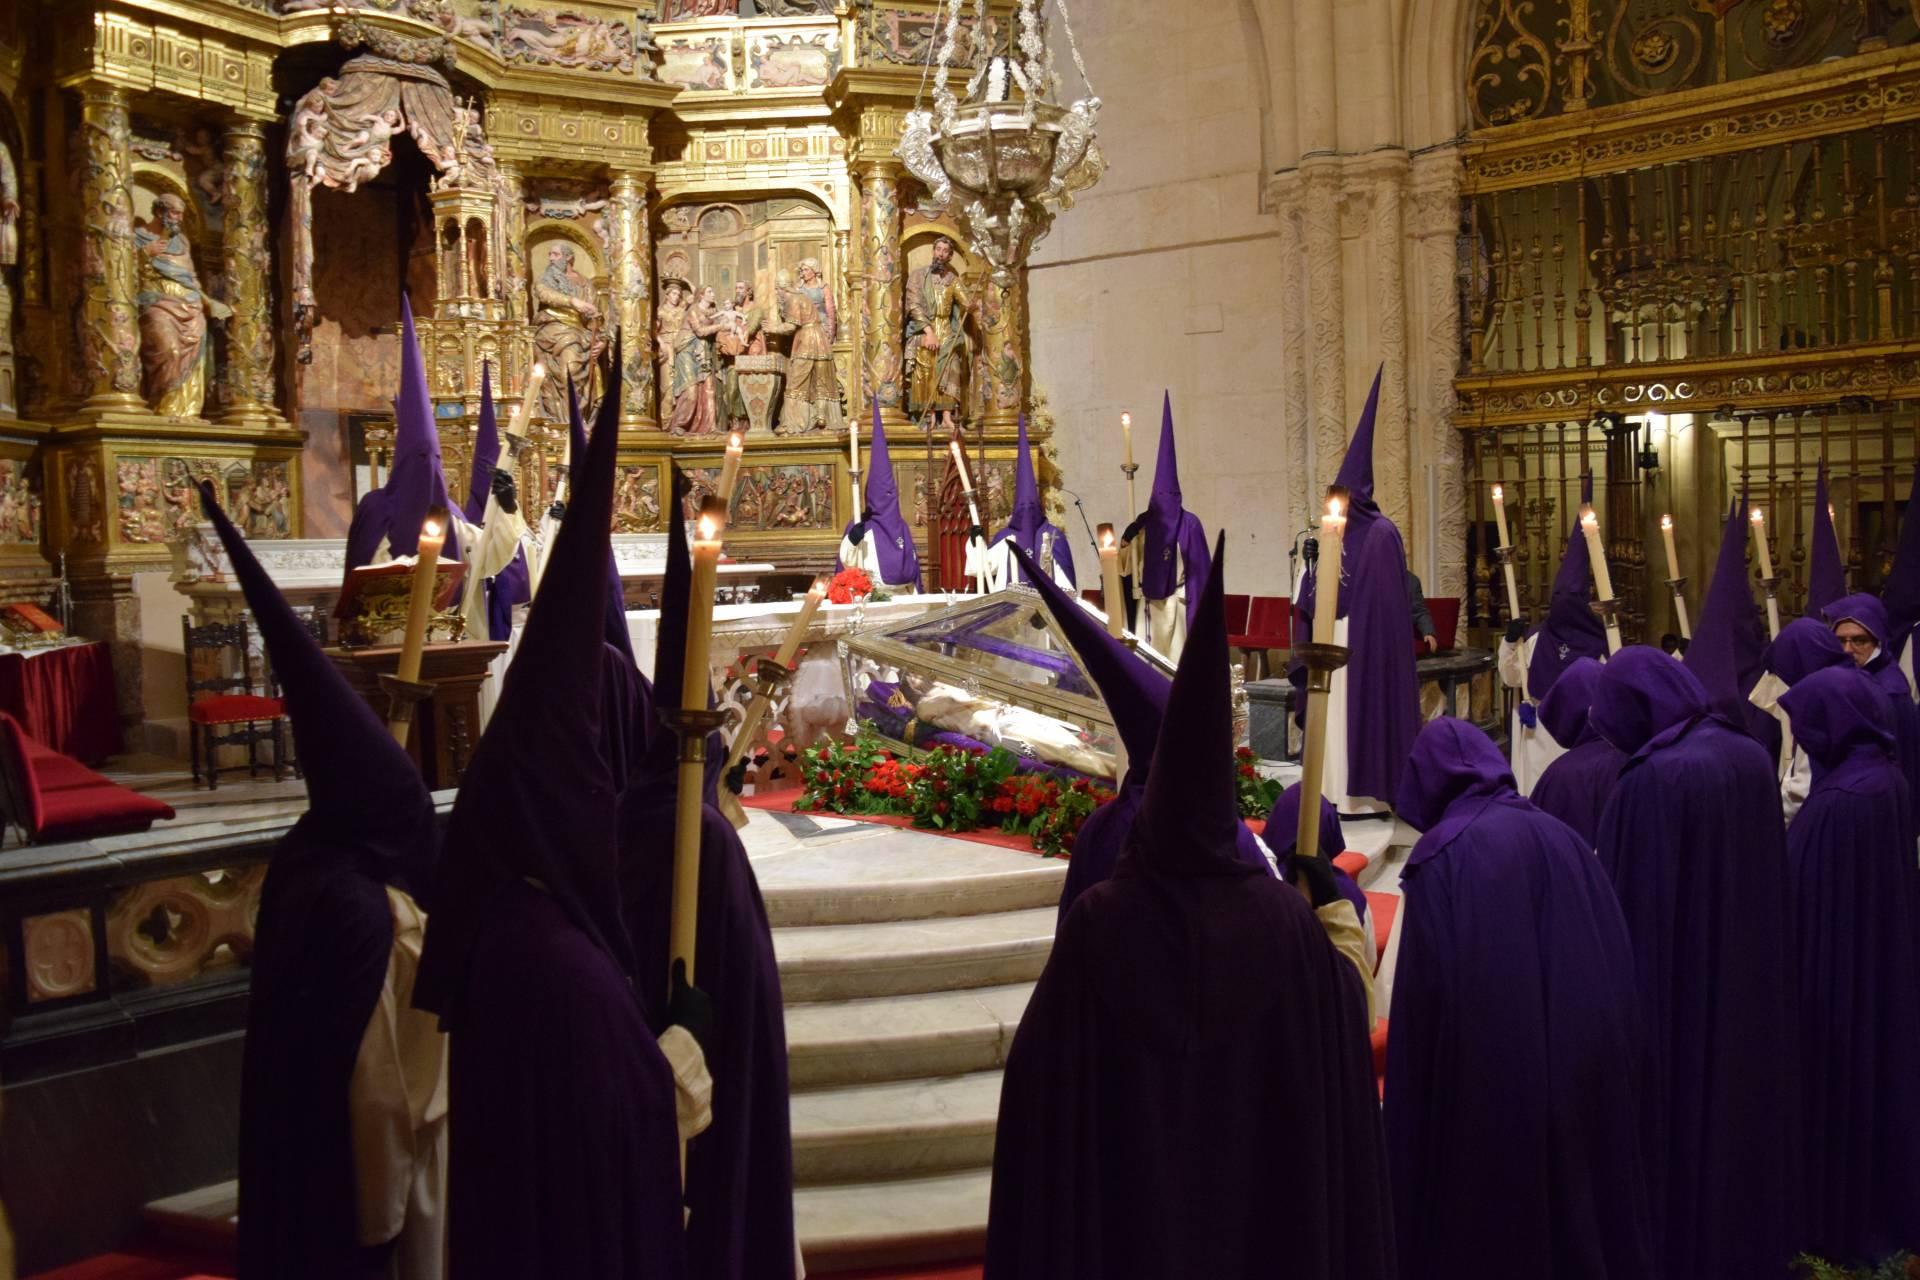 santo entierro_25